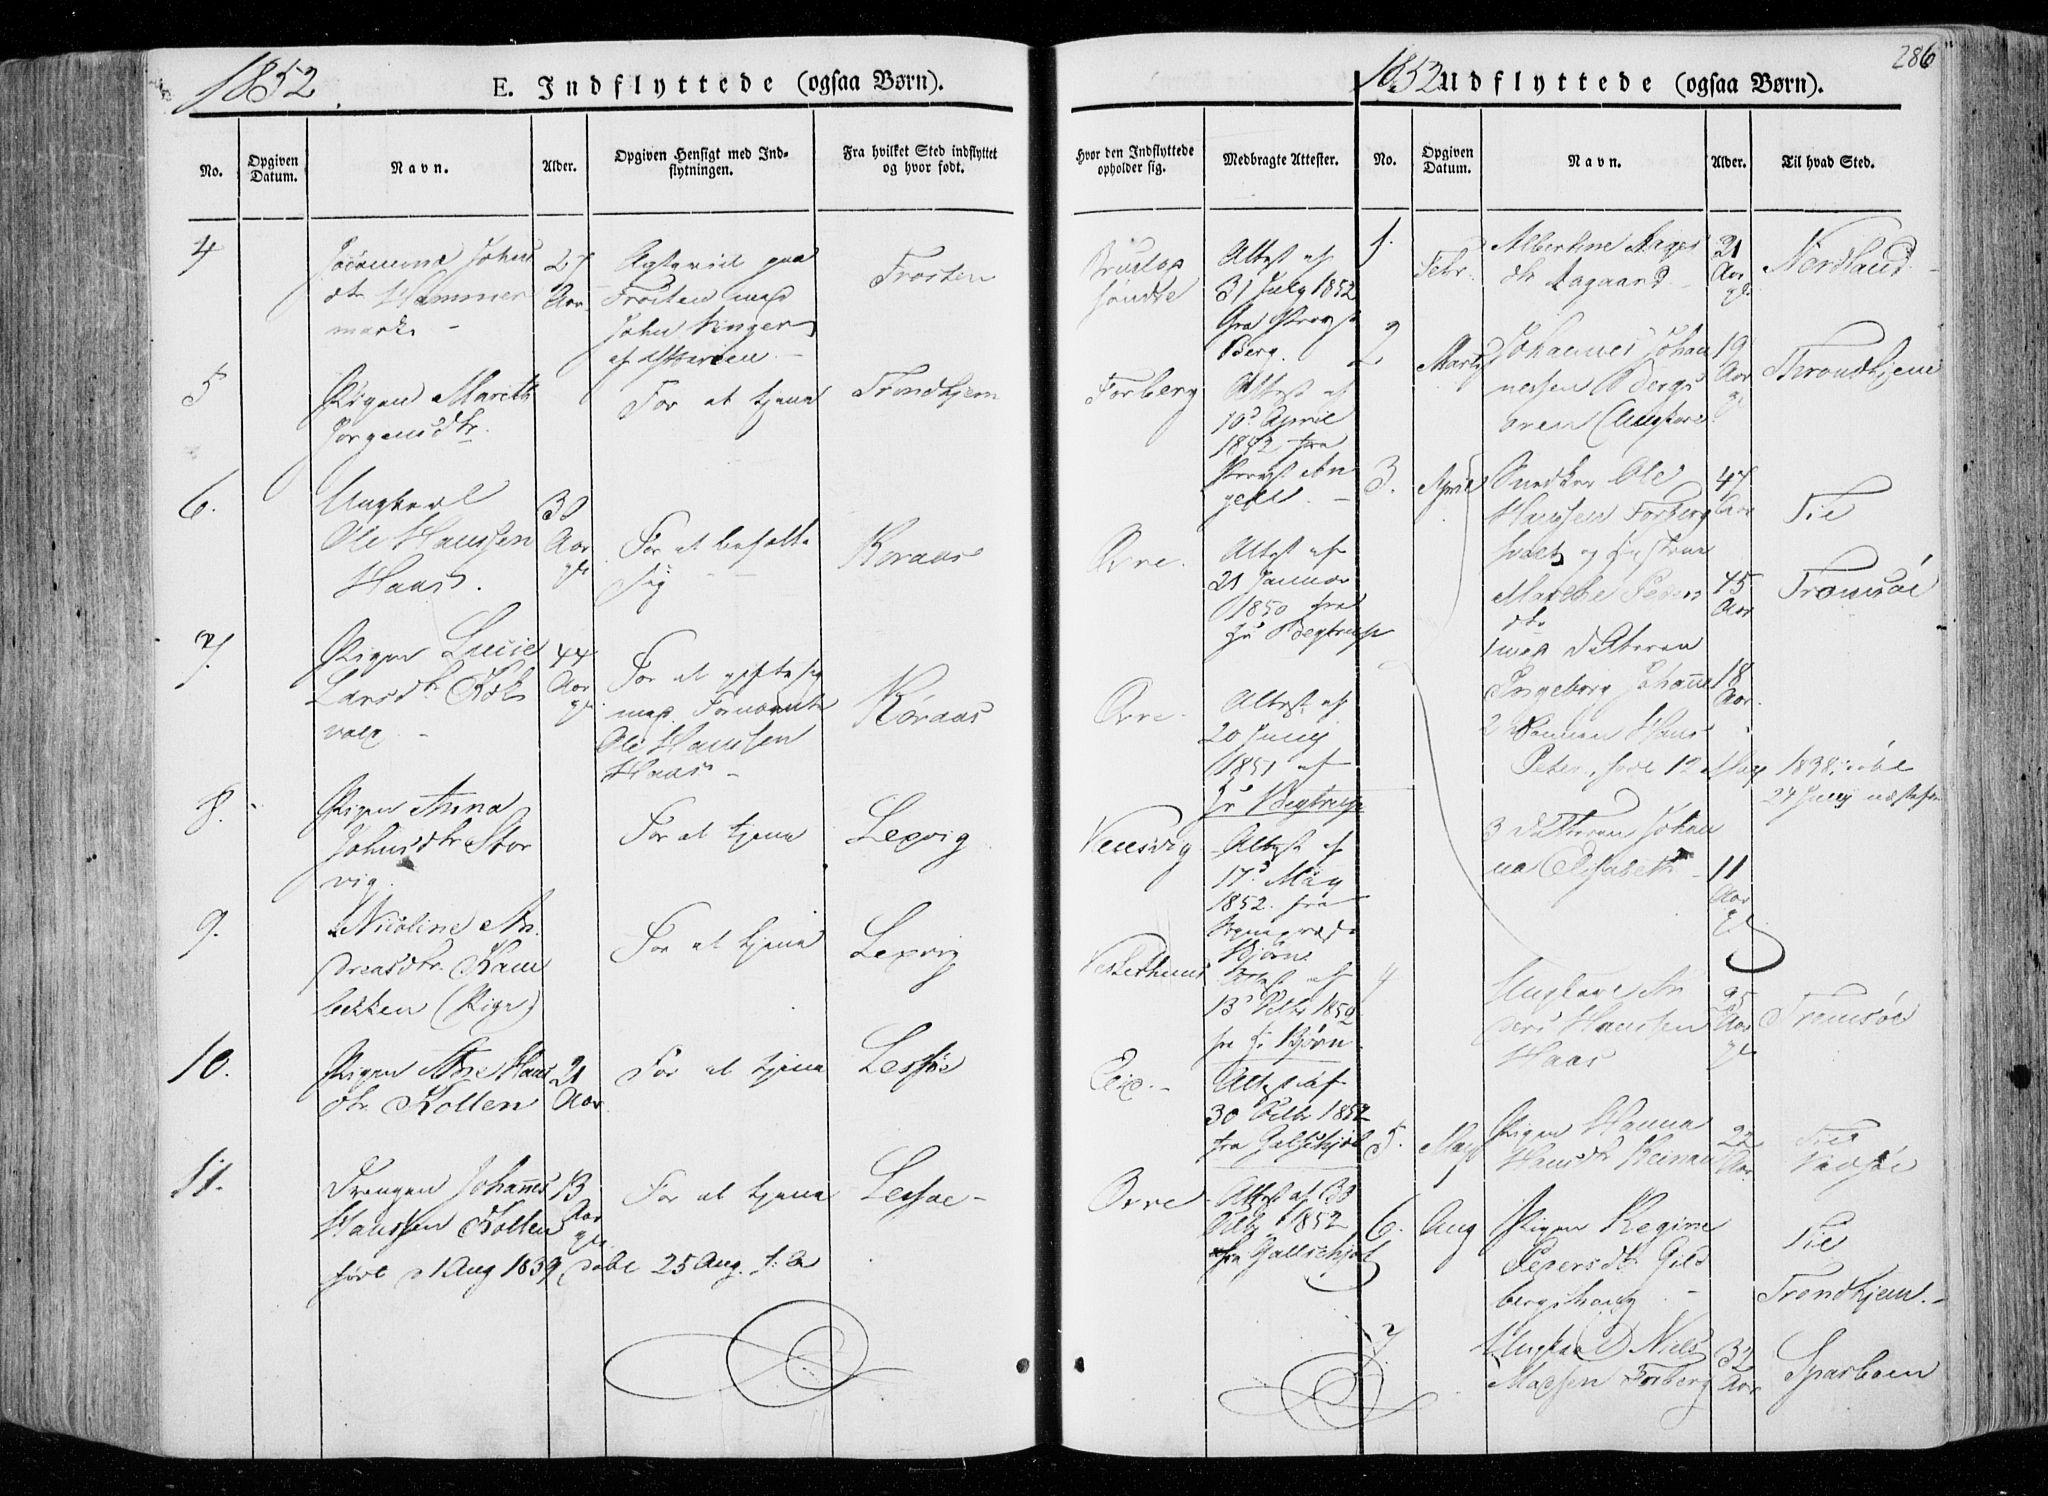 SAT, Ministerialprotokoller, klokkerbøker og fødselsregistre - Nord-Trøndelag, 722/L0218: Ministerialbok nr. 722A05, 1843-1868, s. 286